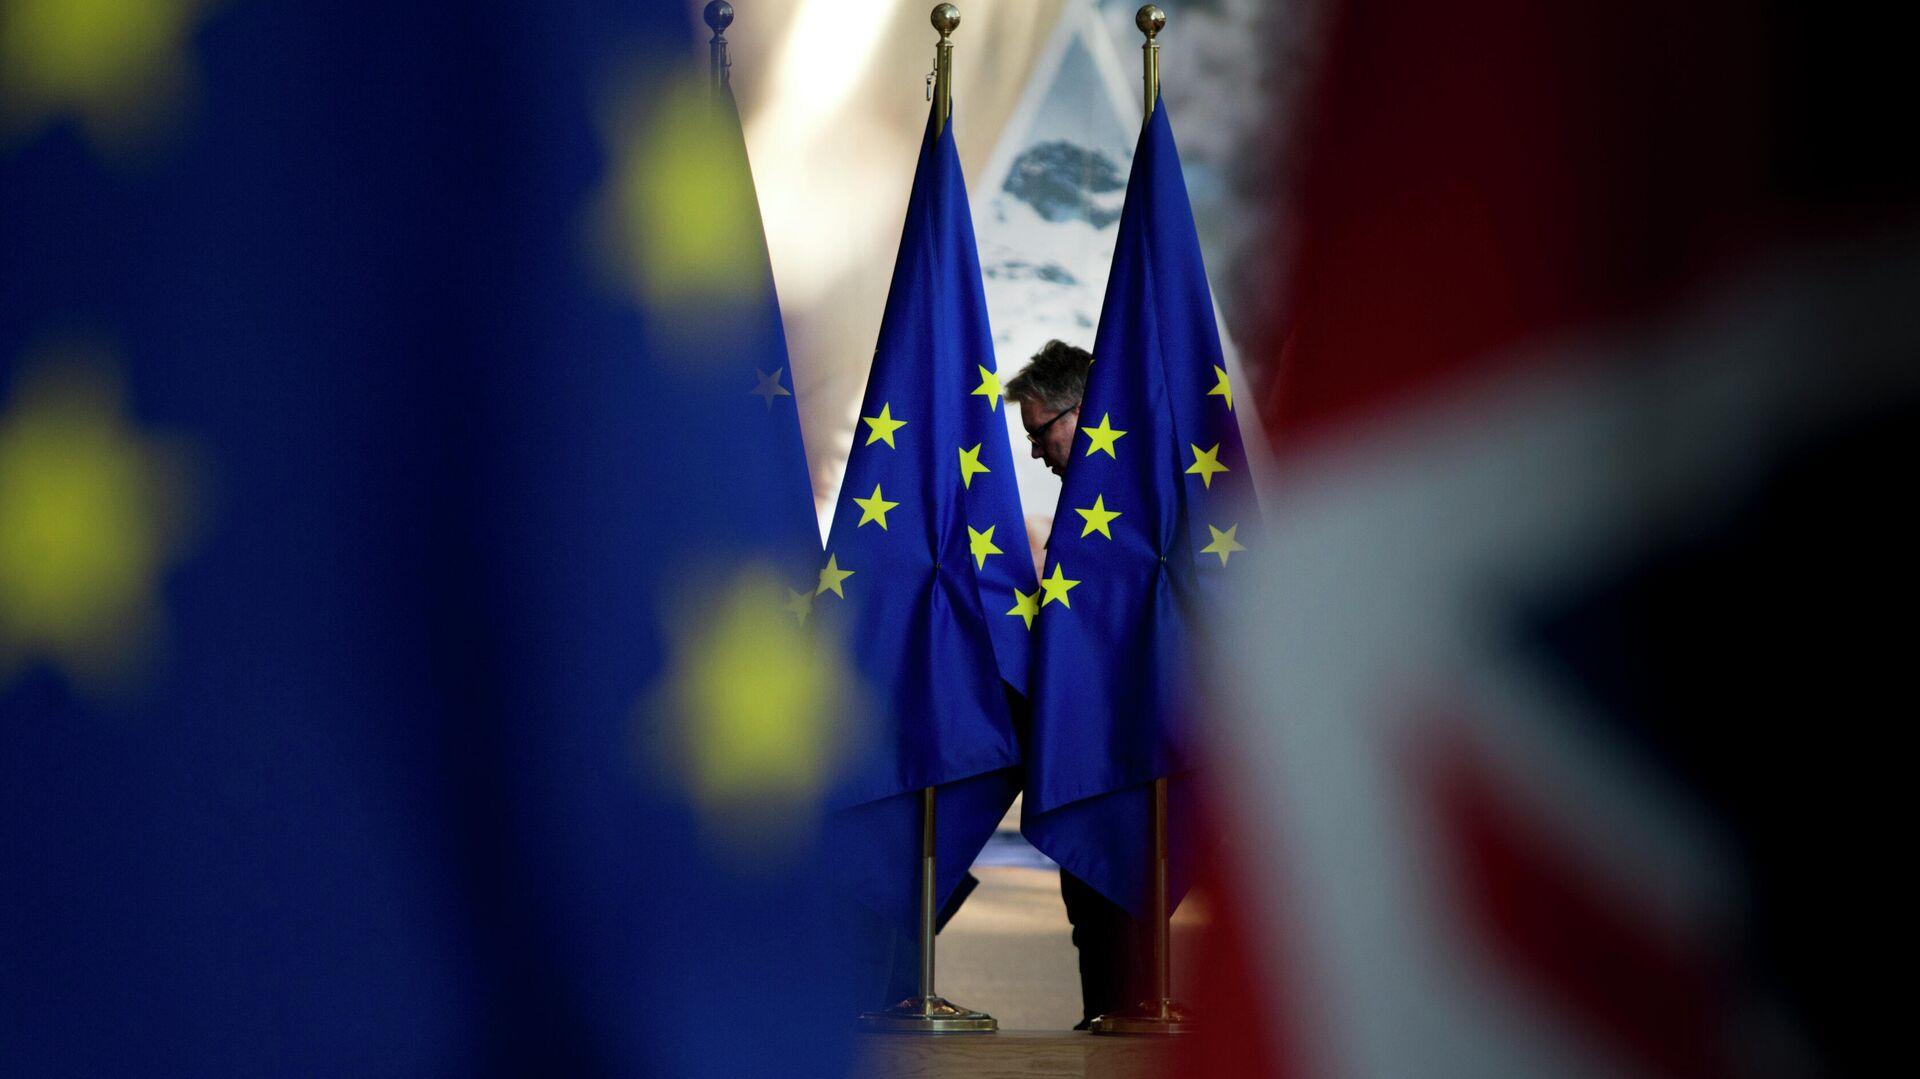 Флаги Евросоюза в здании Совета Европы в Брюсселе - РИА Новости, 1920, 25.06.2021